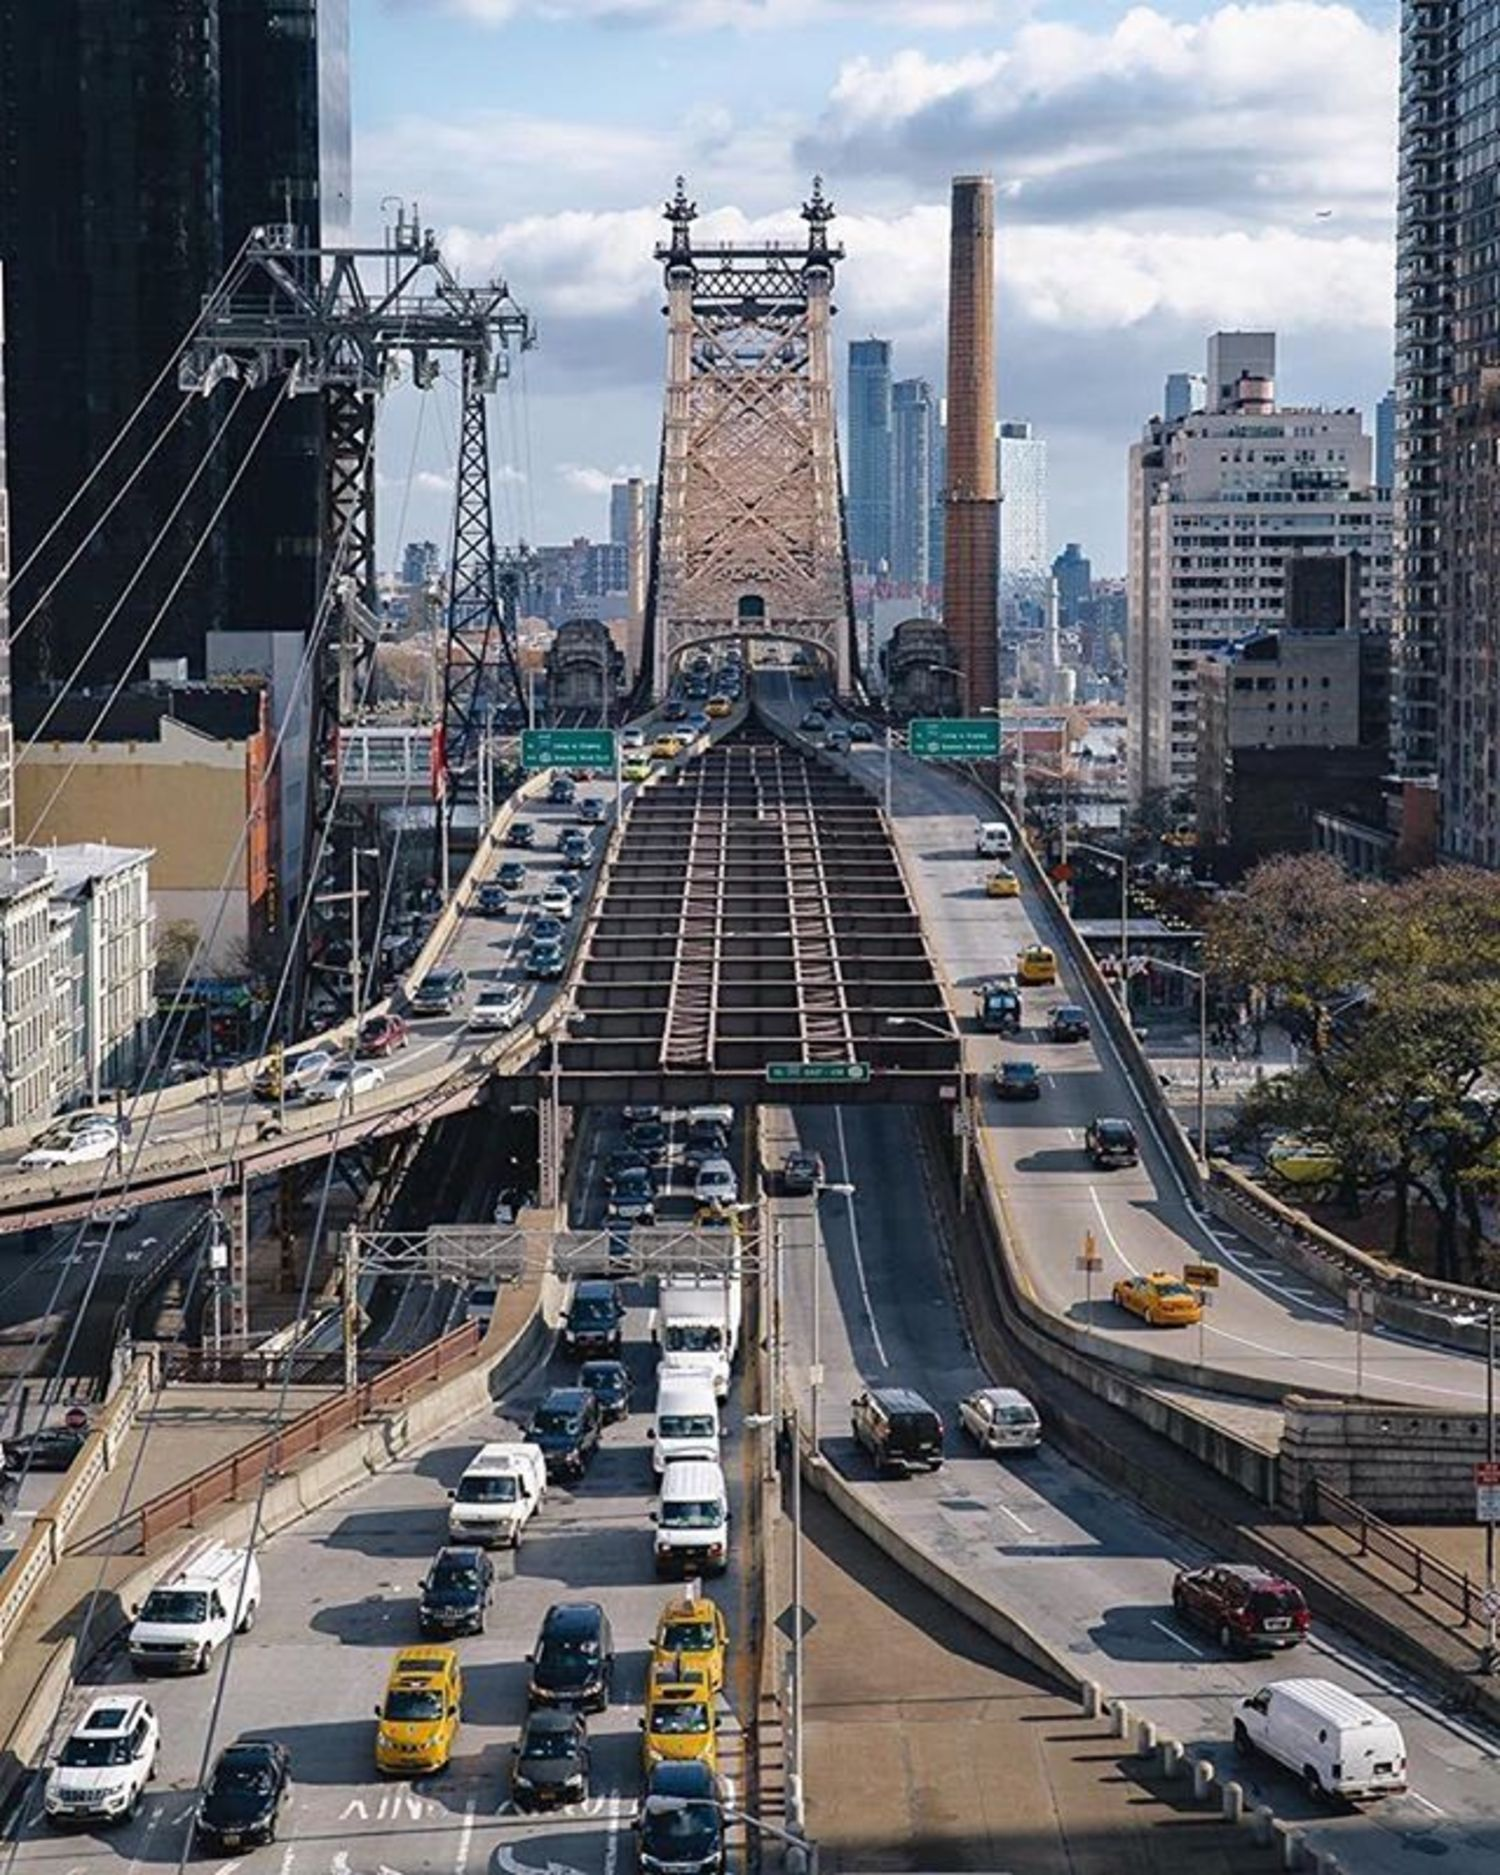 Queensboro Bridge, New York, New York. Photo via @ceos_downbeat #viewingnyc #newyork #newyorkcity #bridge #queensborobridge